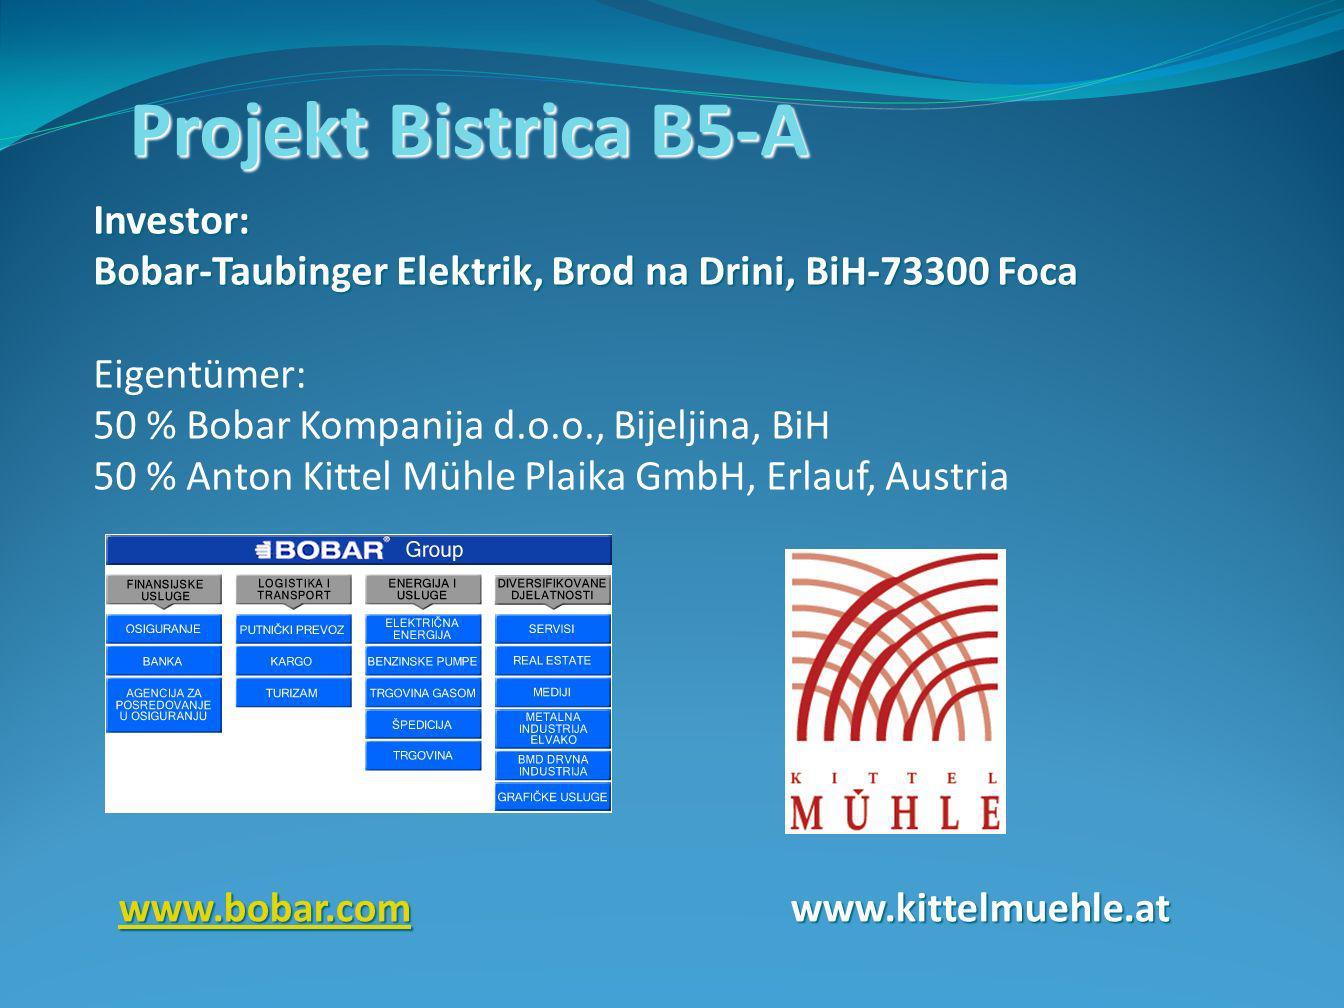 Projekt Bistrica B5-A Investor: Bobar-Taubinger Elektrik, Brod na Drini, BiH-73300 Foca Eigentümer: 50 % Bobar Kompanija d.o.o., Bijeljina, BiH 50 % A